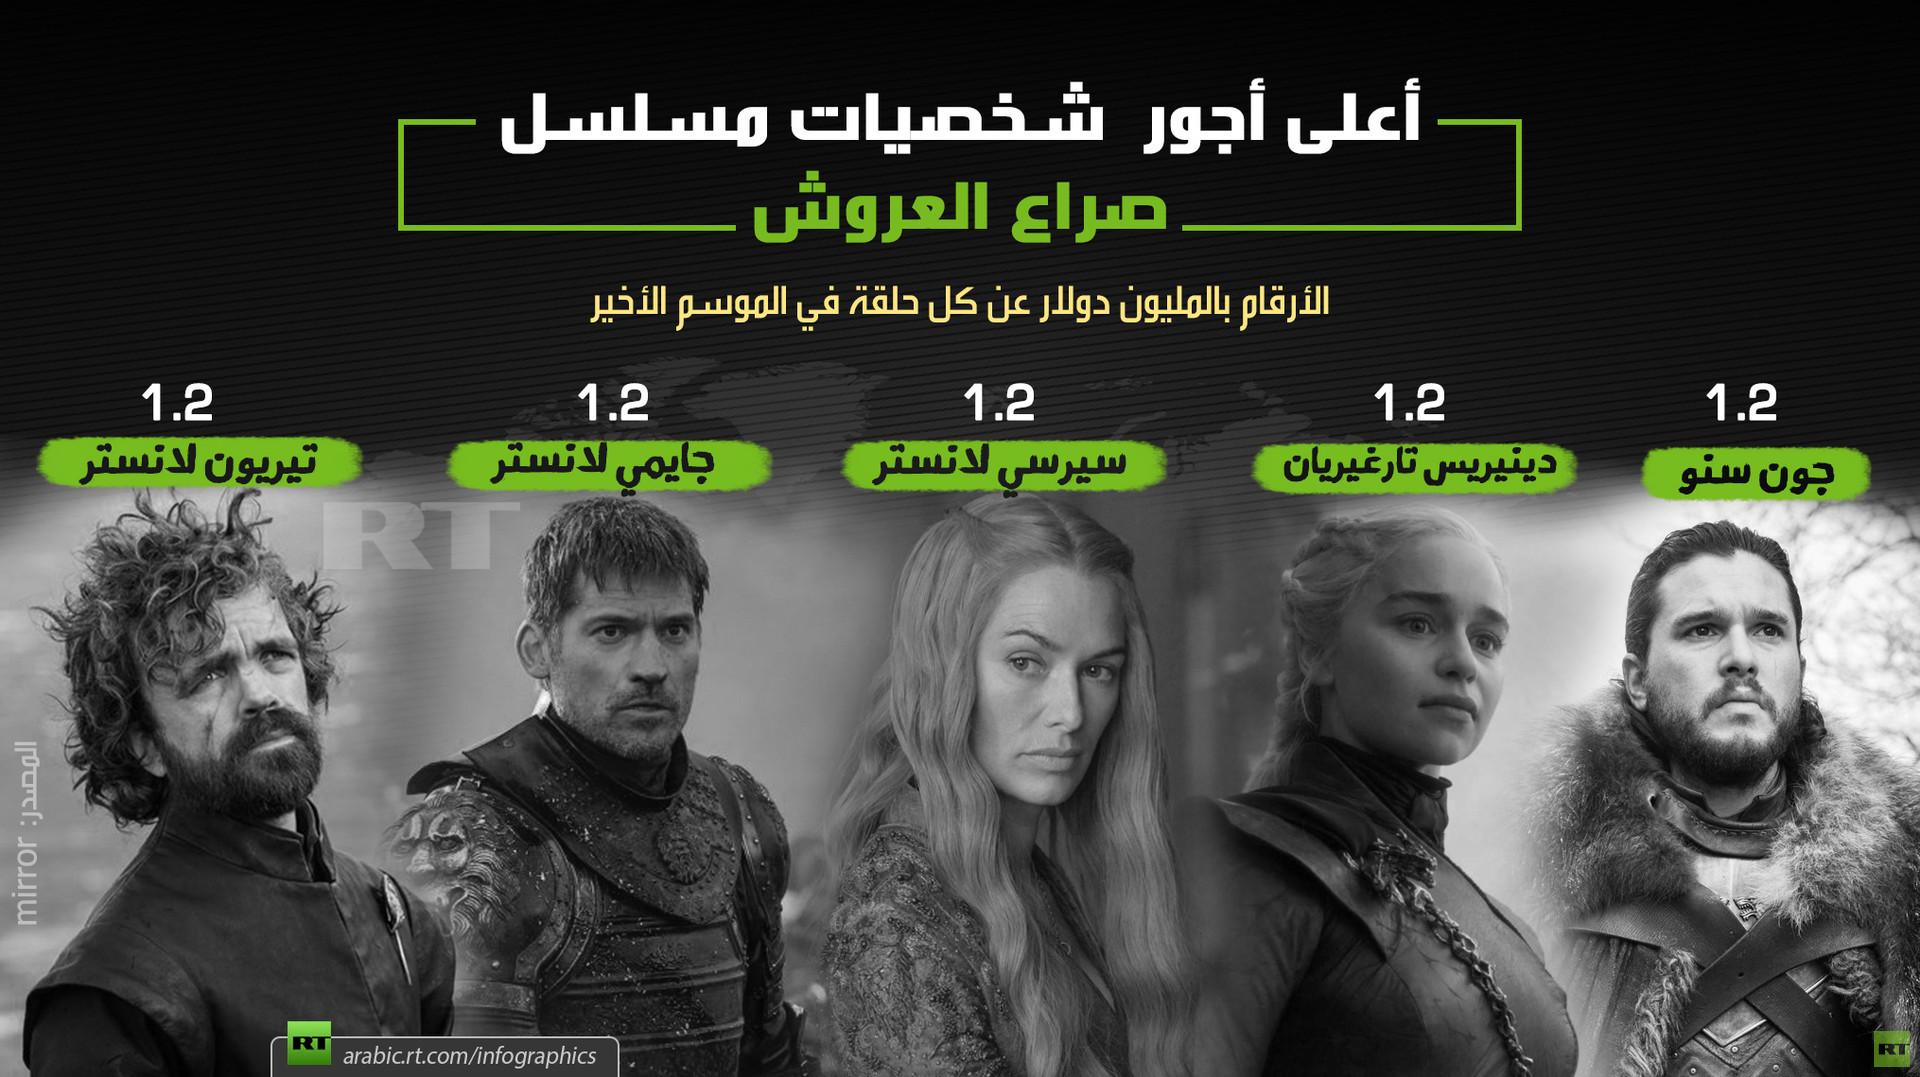 أعلى أجور  شخصيات مسلسل صراع العروش